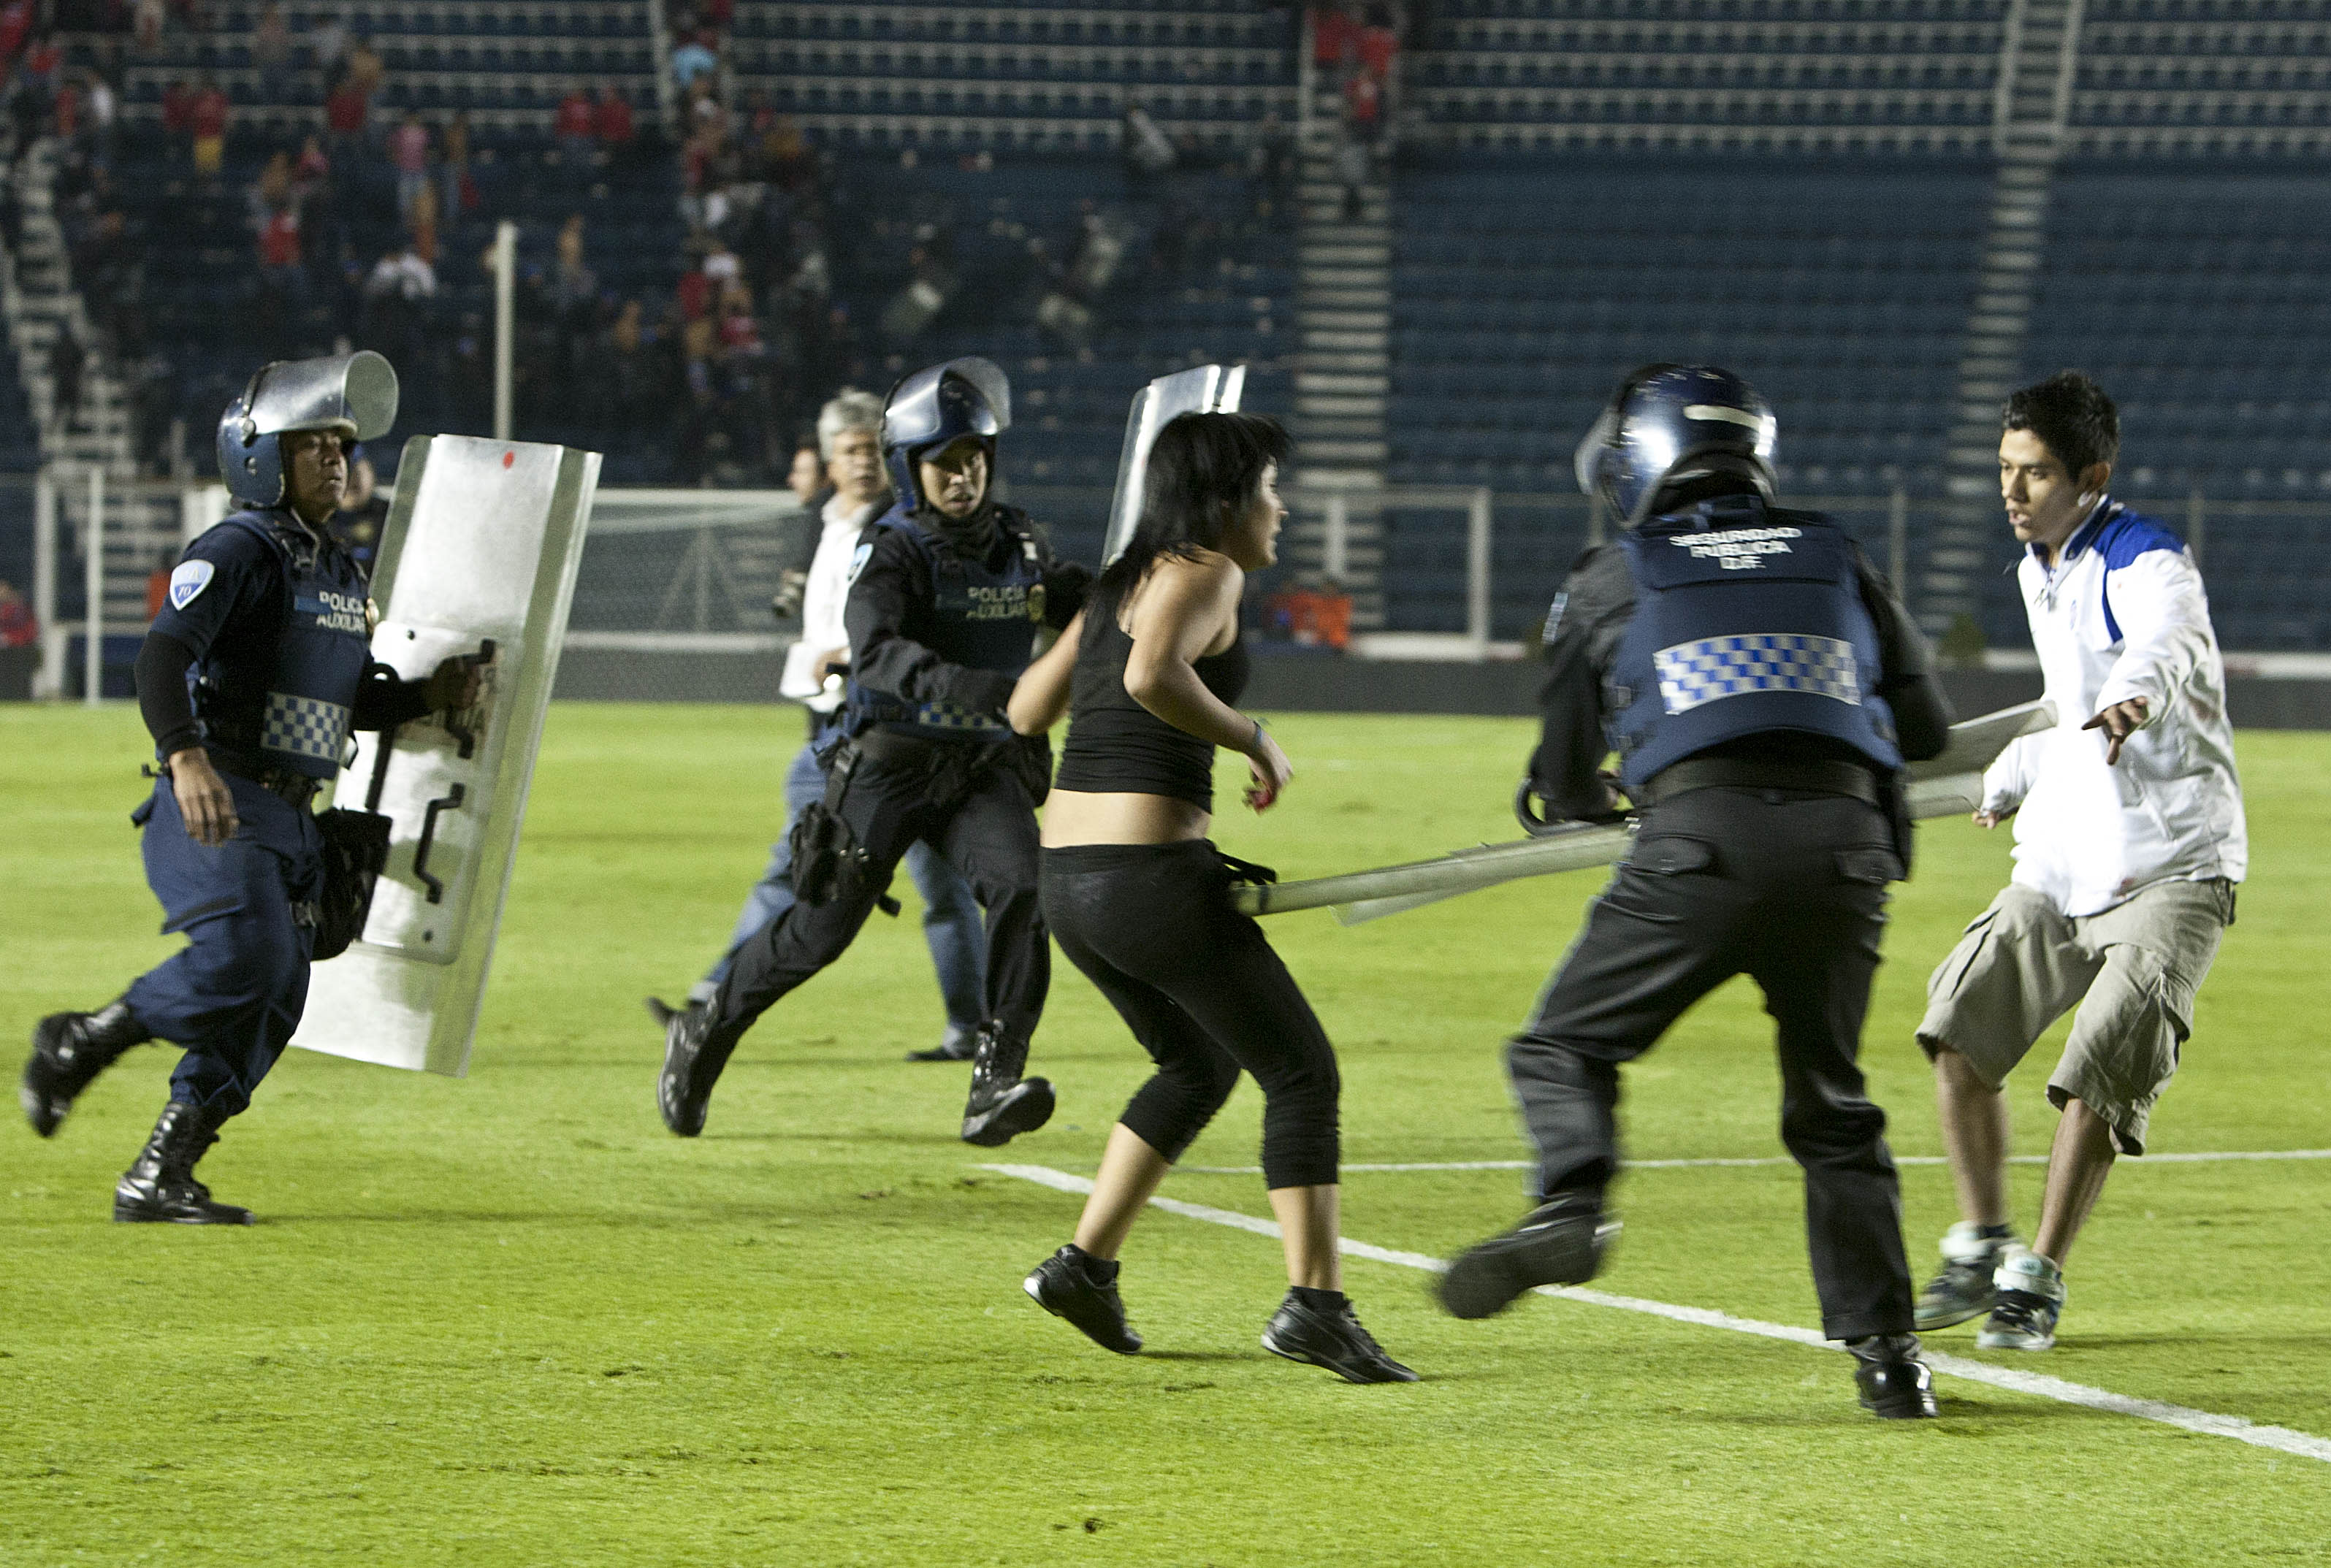 La policía arrincona a un par de aficionados del Cruz Azul que invadieron la cancha luego que su equipo cayó eliminado ante el Toluca en los cuartos de final del torneo Apertura de México, el sábado 30 de noviembre de 2013 (AP Foto/Christian Palma)